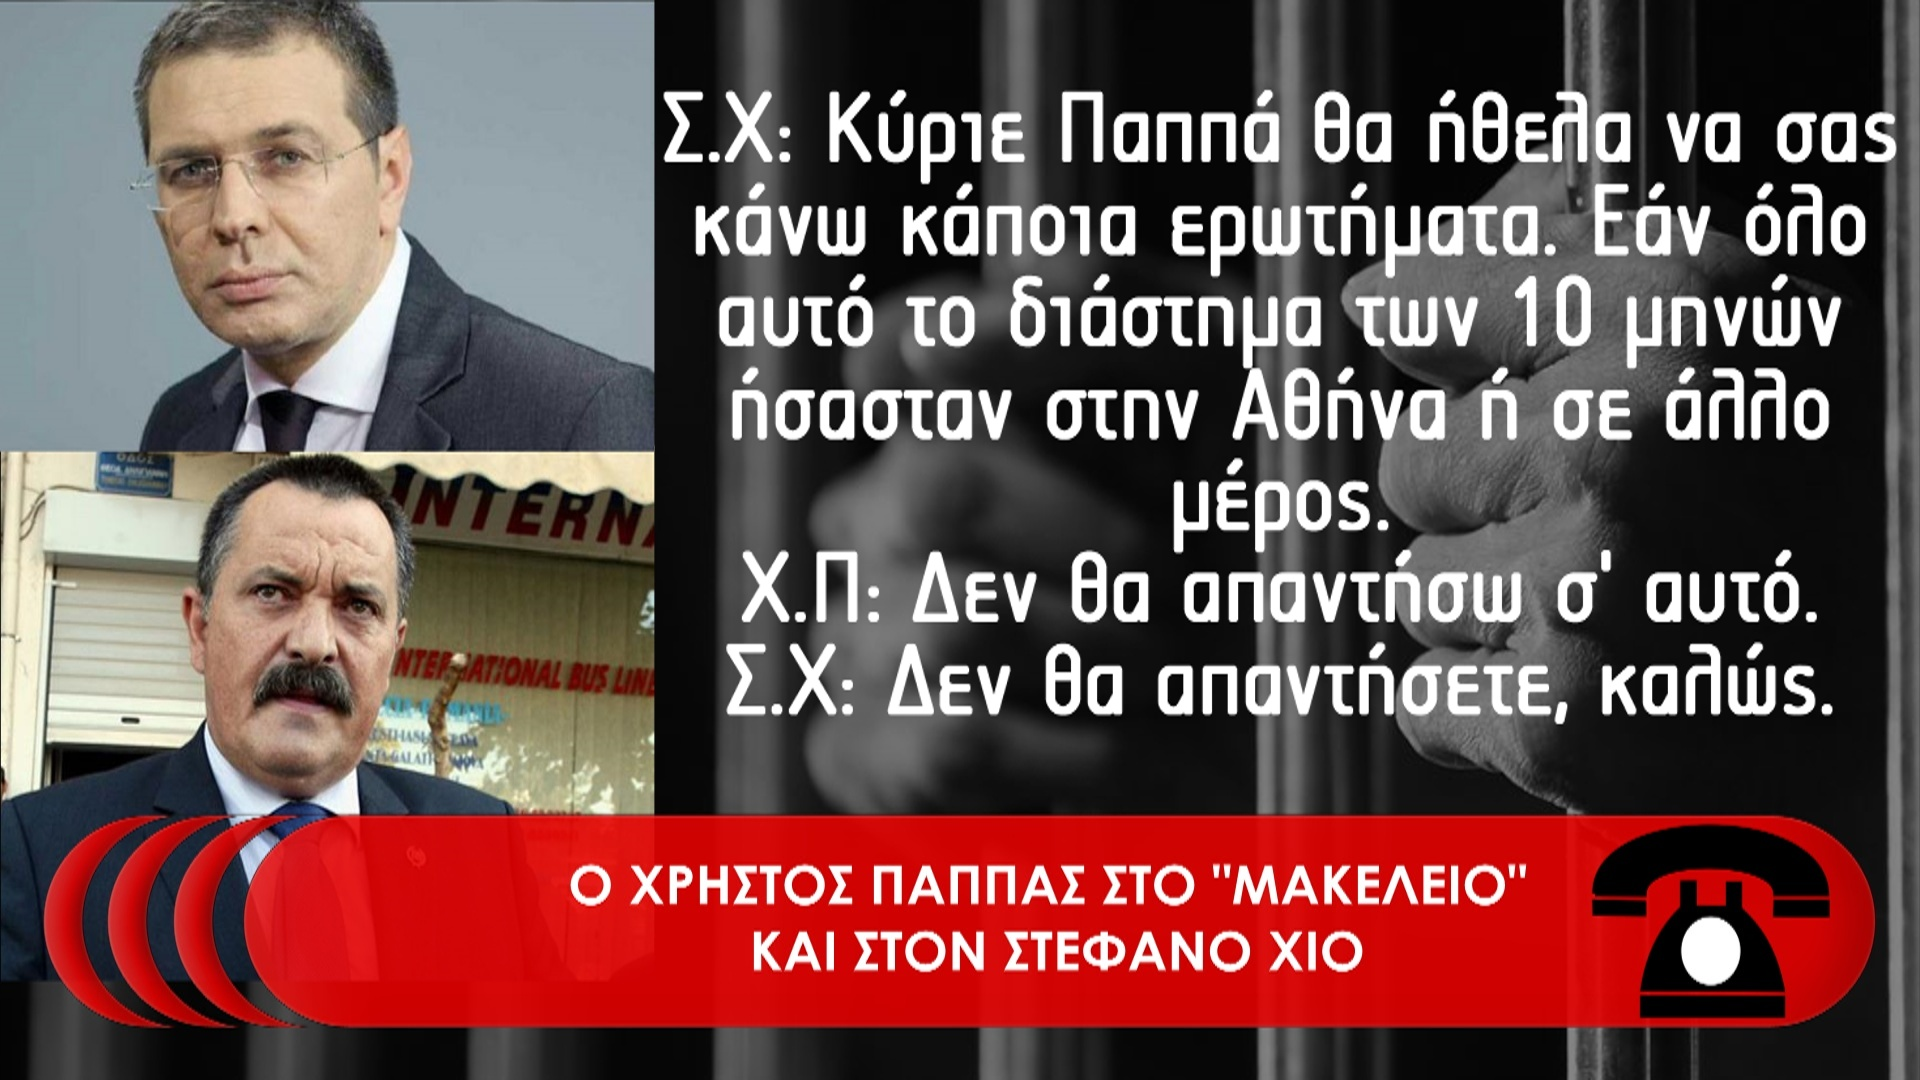 ΦΩΤΟ PAPPAS-EXOFYLLO